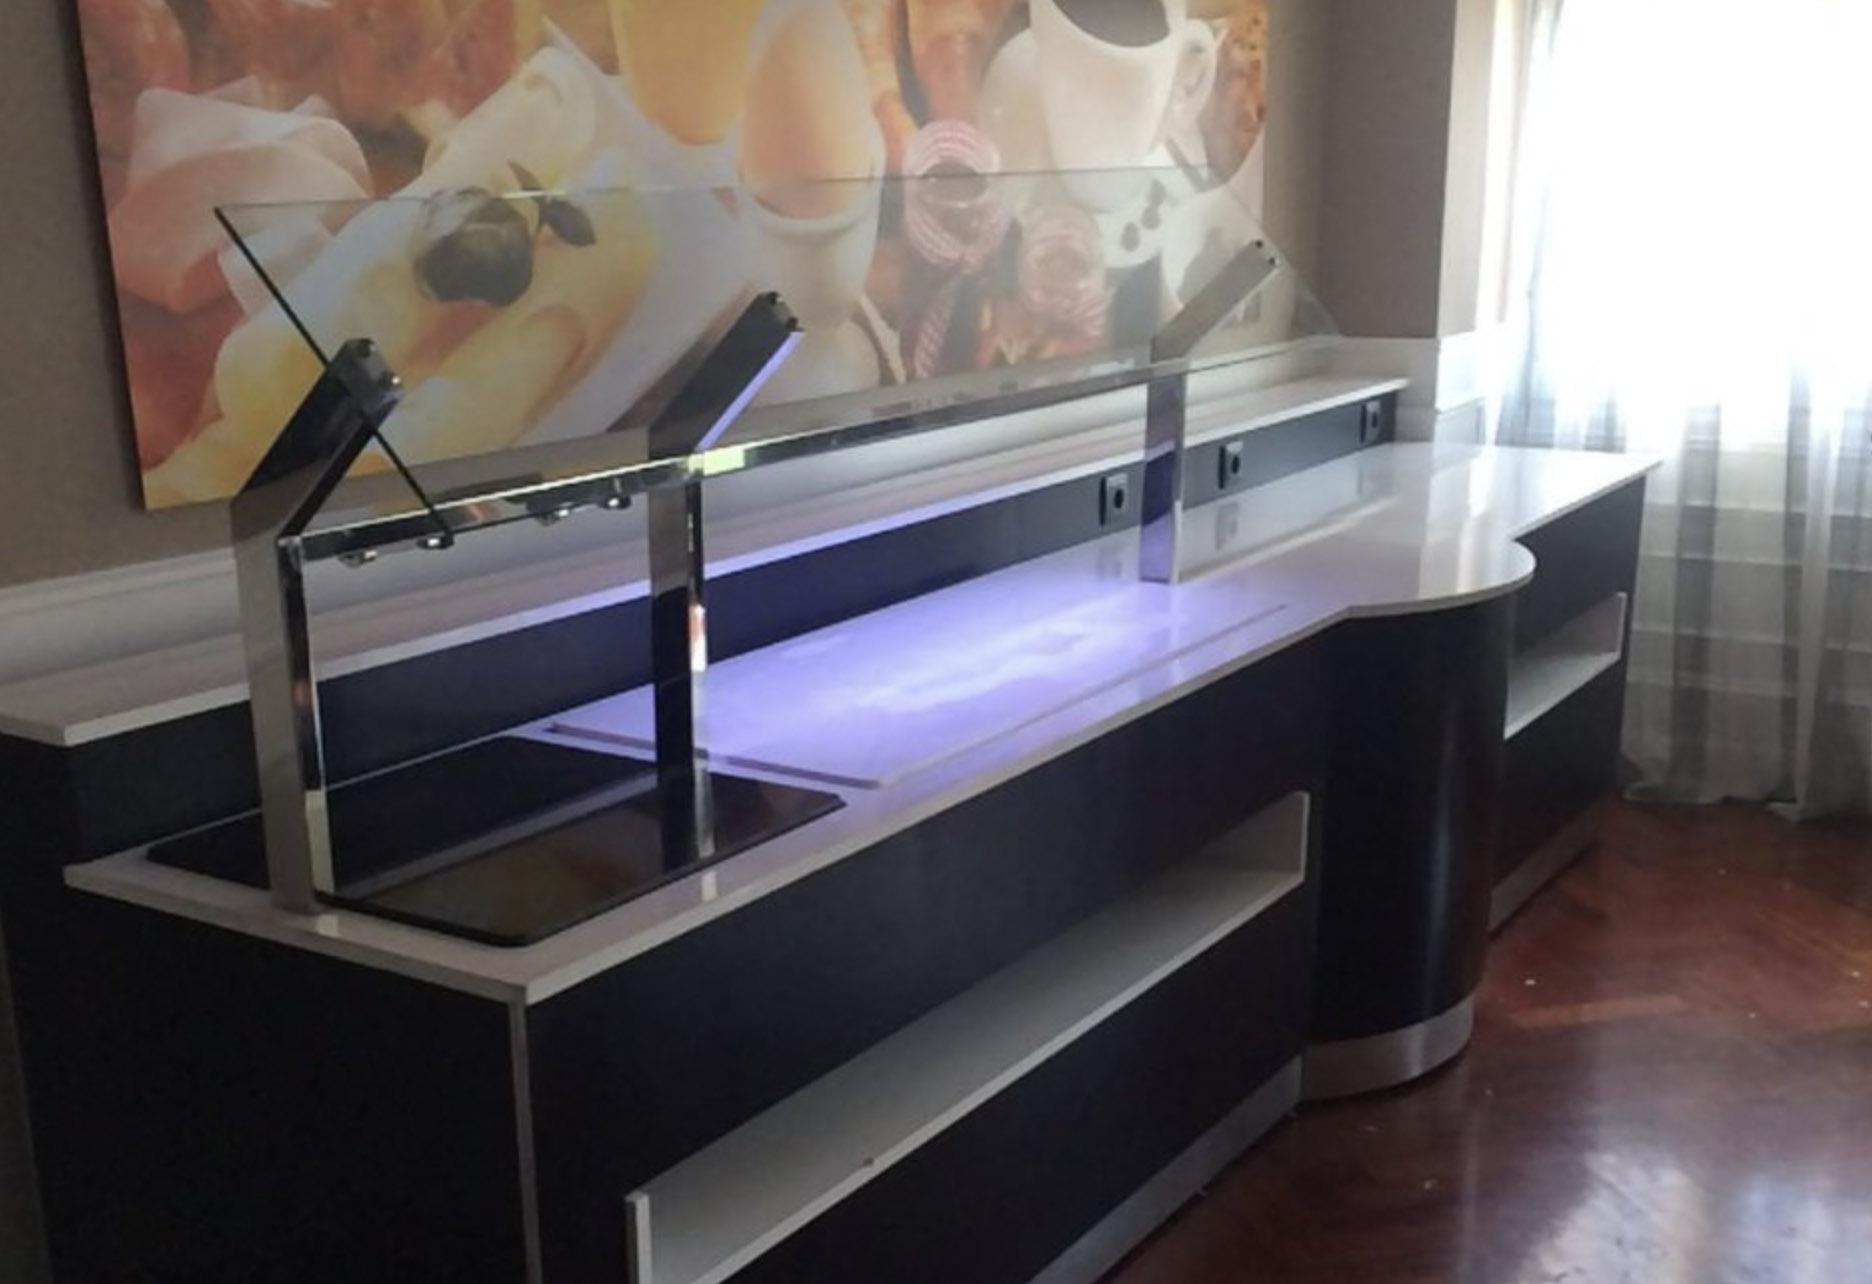 DISEÑO FABRICACIÓN INSTALACIÓN BUFFET BUFET BUFÉ DE DESAYUNOS PARA EL HOTEL LUXURY MADRID. PROYECTOS HOSTELEROS A MEDIDA DE MOBILIARIO EXCLUSIVO PARA HOSTELERIA HORECA. Aceroinnova ha realizado el buffet bufet bufé de desayunos del hotel Luxury en Madrid. Realizamos proyectos de hosteleria horeca para hoteles, restaurante, bares, comedores de empresas colegios o universidades, discotecas, etc. Disponemos de un servicio integral que cubrirá todas sus expectivas de éxito de su negocio hostelero hotelero. Disponemos de fabrica propia donde desarrollar todo su proyecto, ya sea de mobiliario, maquinaria, accesorios, menaje, etc. Realizamos bufés para hoteles, restaurantes y empresas con un diseño personalizado y con todos los elementos para transmitir la mejor imagen empresarial en cada público objetivo. Además, realizamos todo el proyecto en 3D en infografía para que pueda percibir el resultado final que llevarán a cabo nuestros instaladores propios en cualquier parte de España y Portugal.